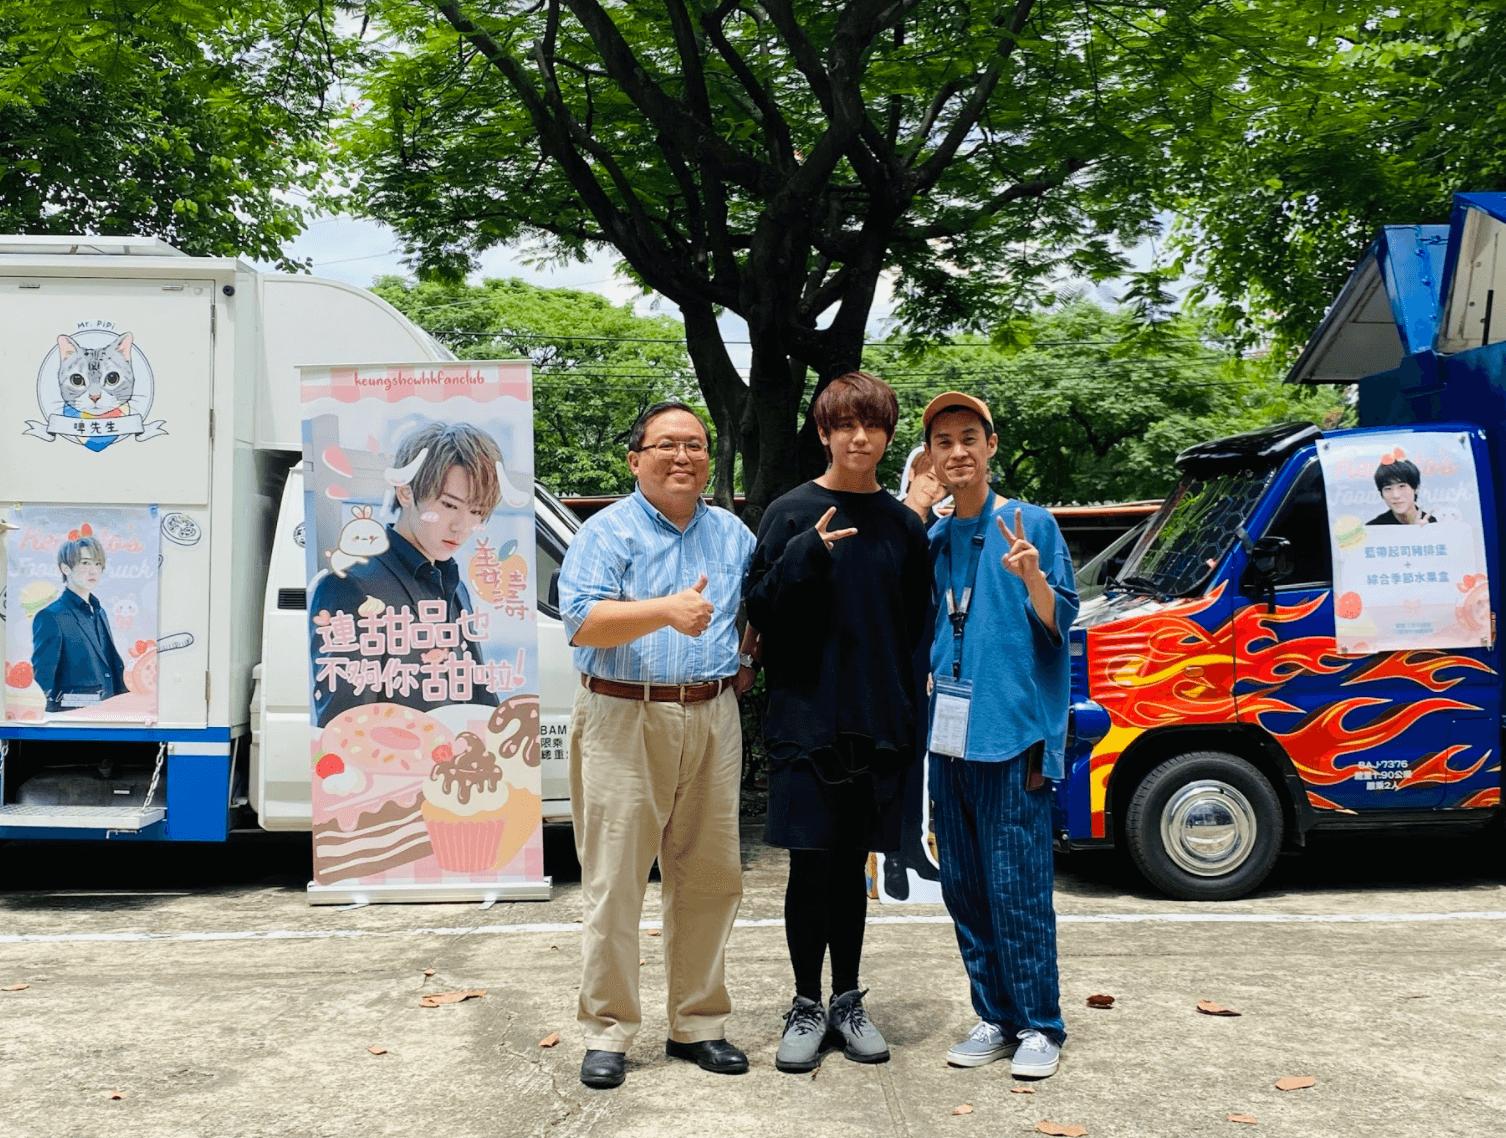 姜濤與電視劇《超感應學院》的(左)監製唐在揚(右)導演林彥廷在餐車前合照